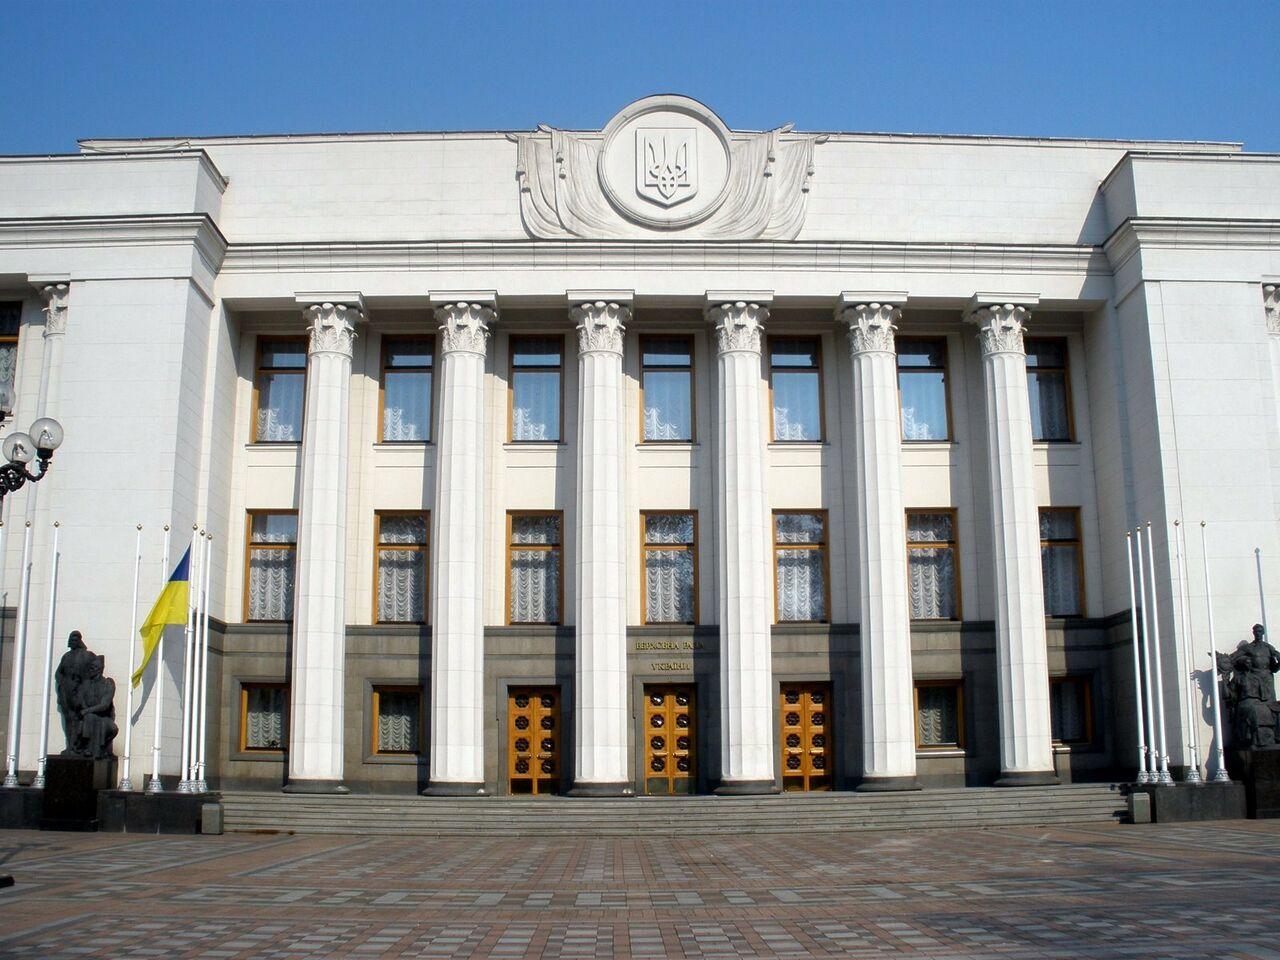 Депутат Рады оценил новый украинский учебник погеографии